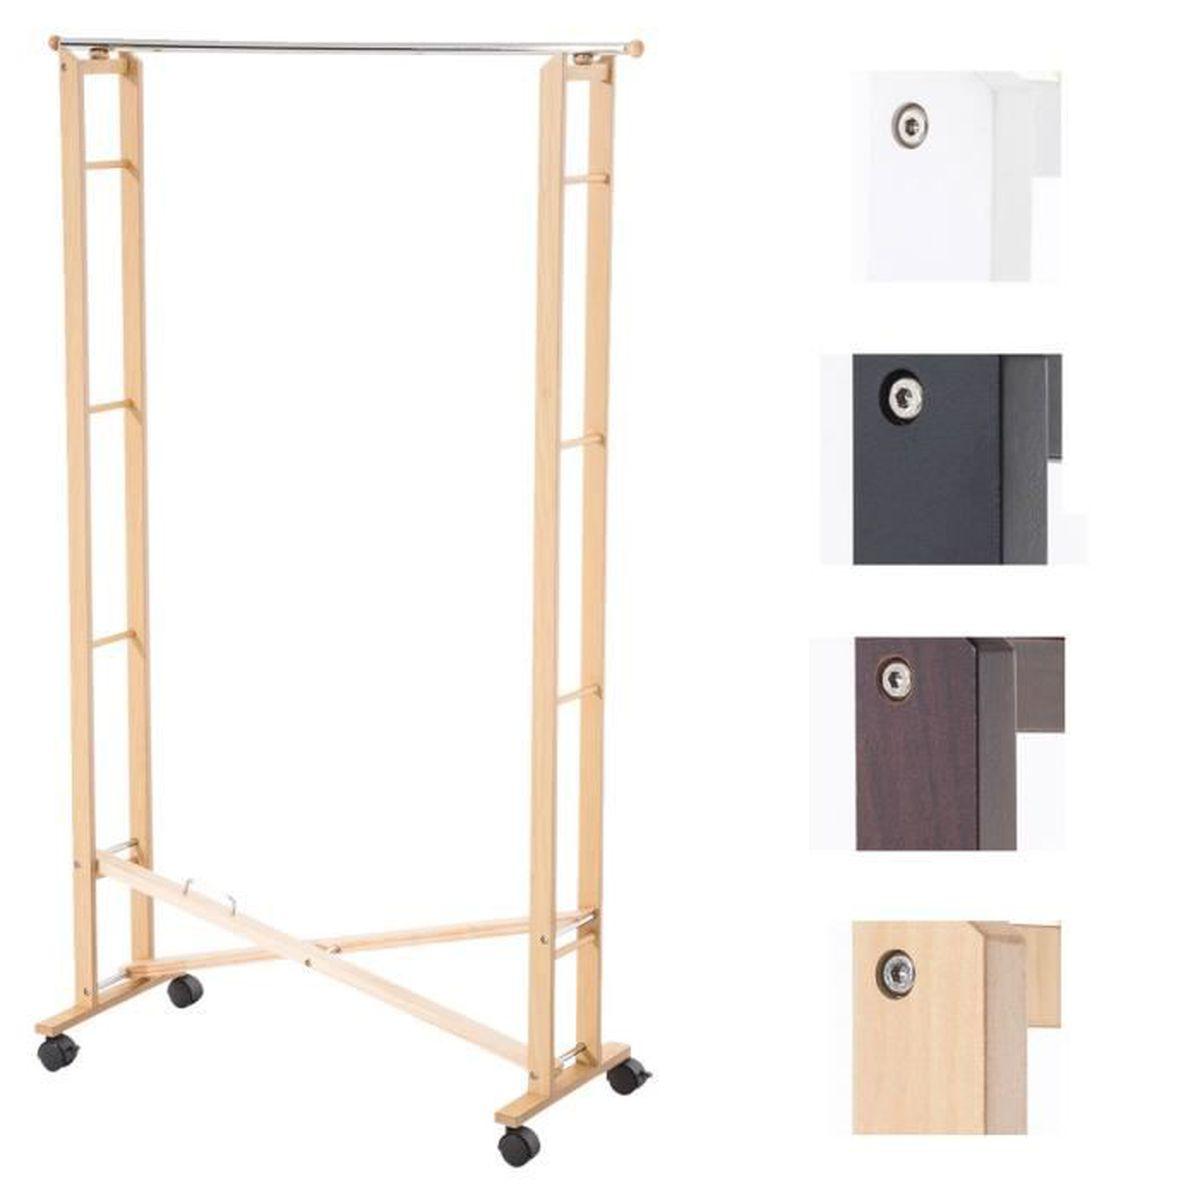 clp portant pour v tements pliable tousson en bois hauteur 170 cm jusqu 4 couleurs au choix. Black Bedroom Furniture Sets. Home Design Ideas